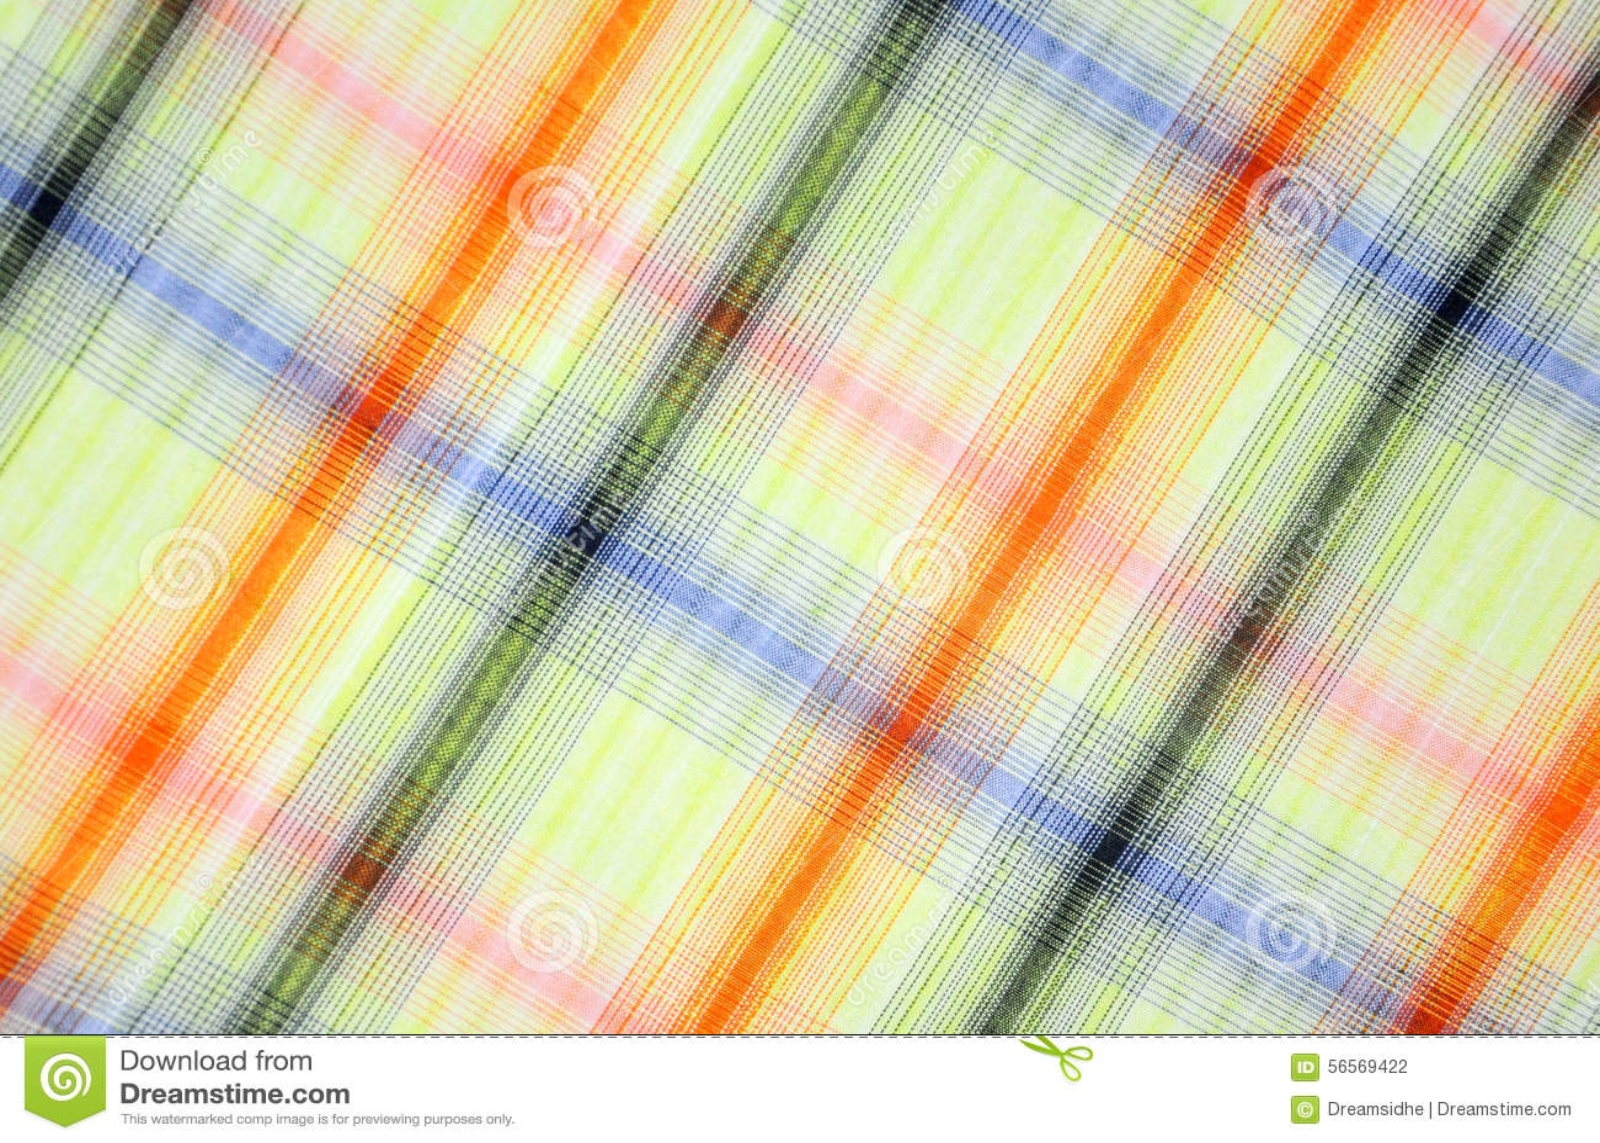 Download Ύφασμα καρό στοκ εικόνες. εικόνα από τετράγωνο, textile - 56569422